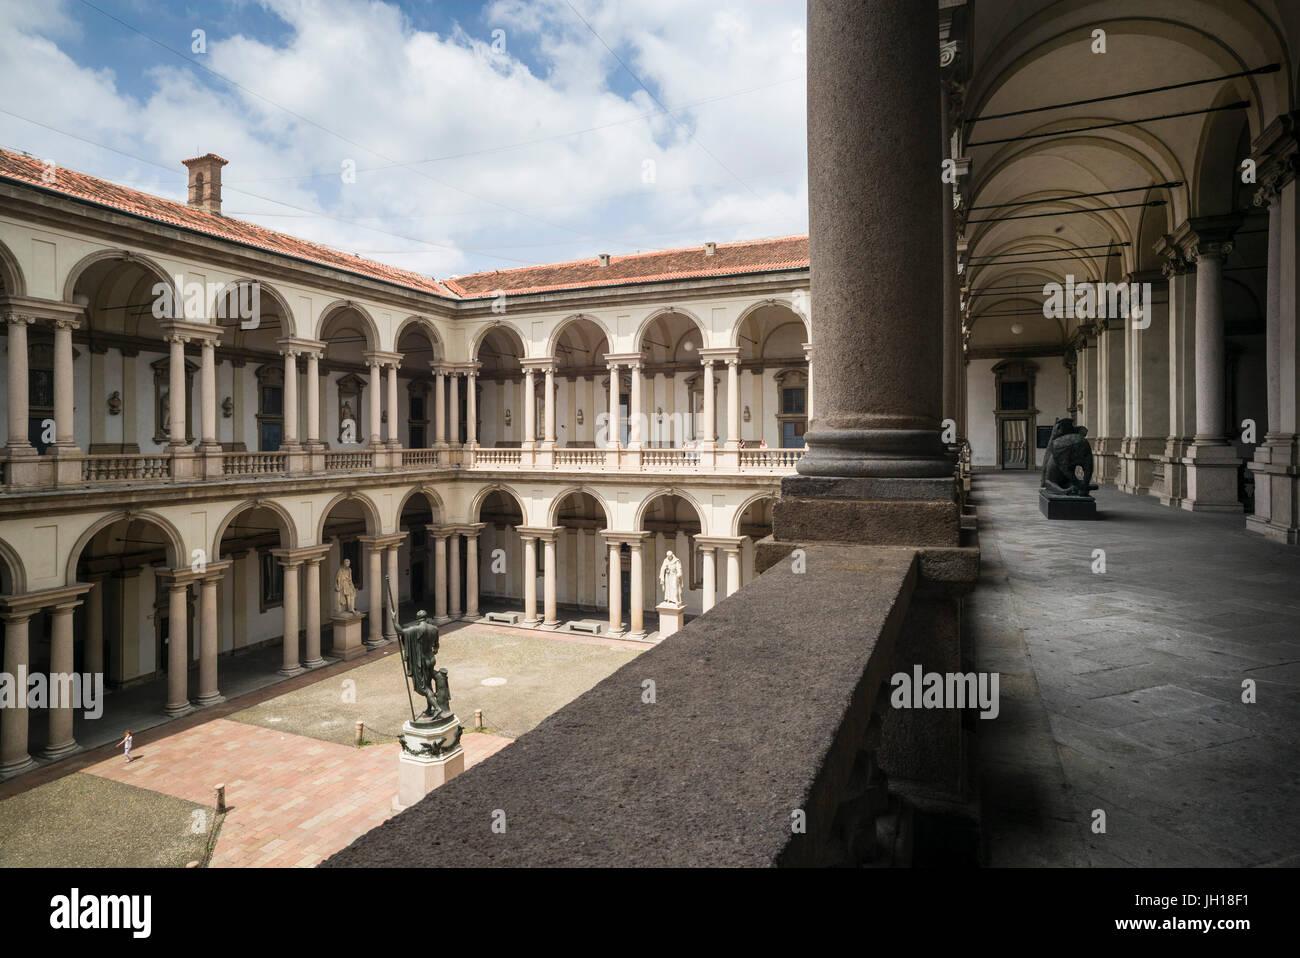 Milano. L'Italia. Cortile del Palazzo di Brera, home la Pinacoteca di Brera, Accademia di Belle Arti e la Biblioteca Immagini Stock